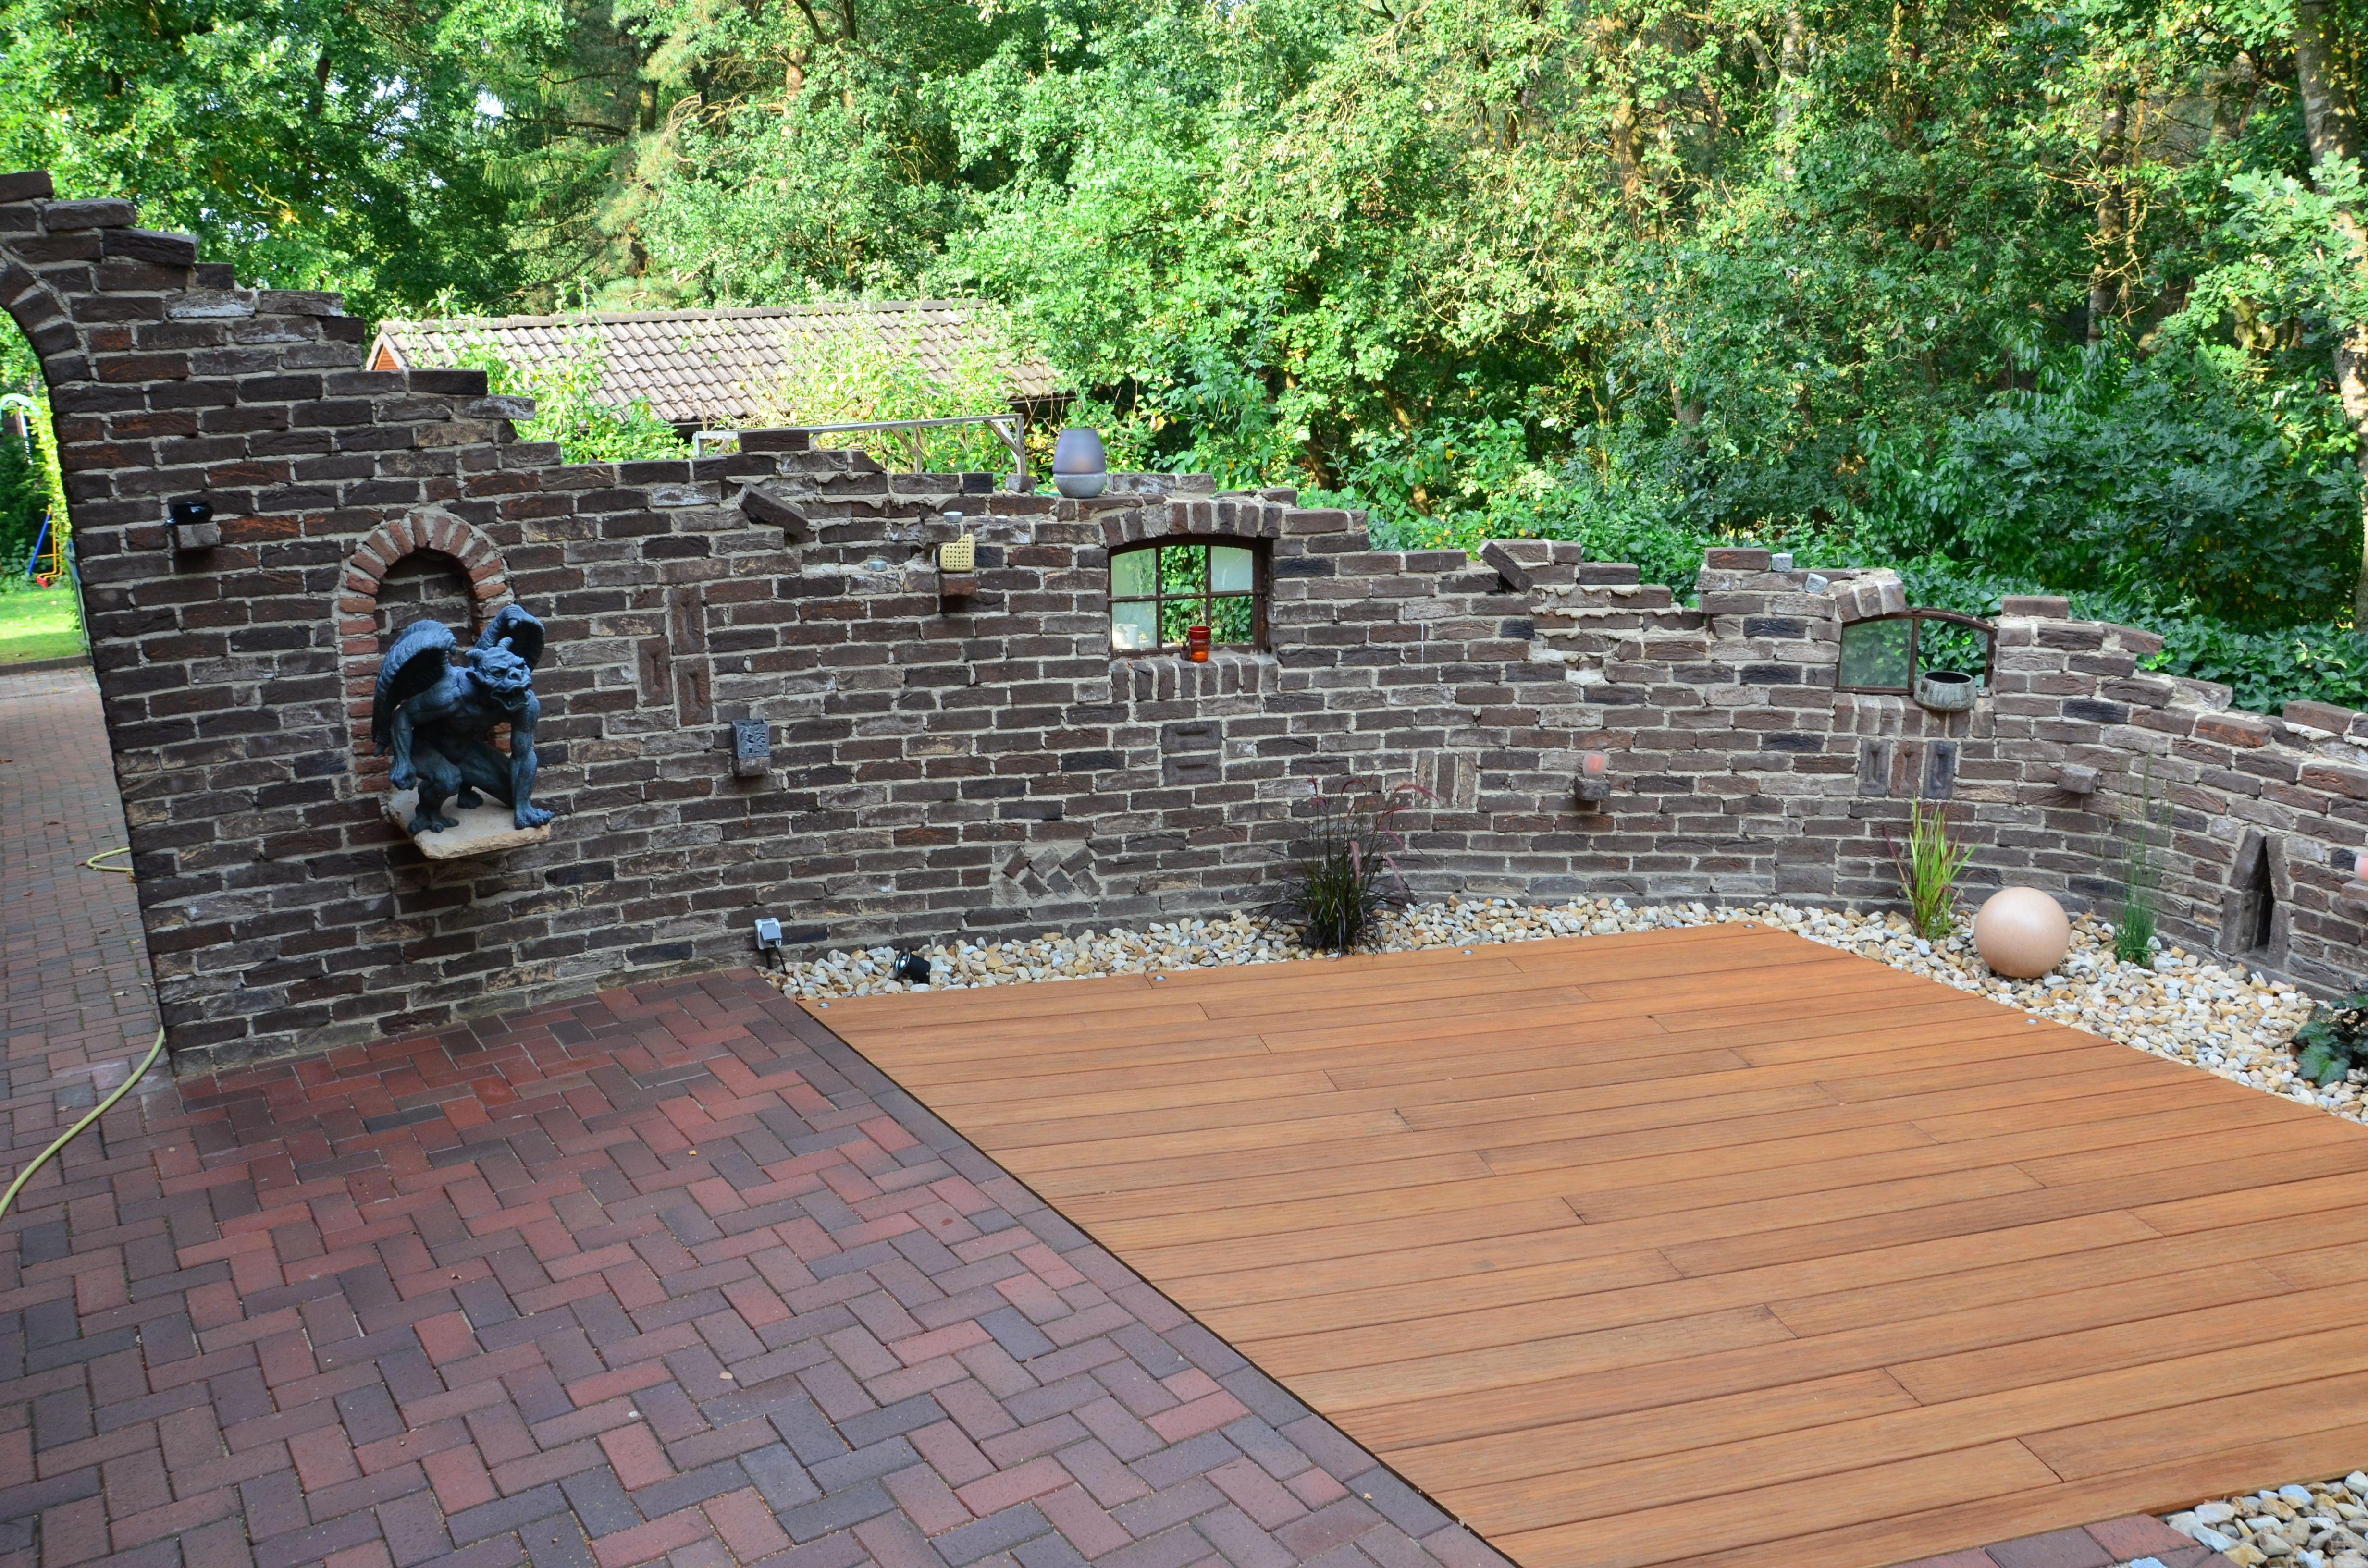 ruinenmauer - Bilder und Fotos | Garten | Pinterest | Ruinenmauer ...